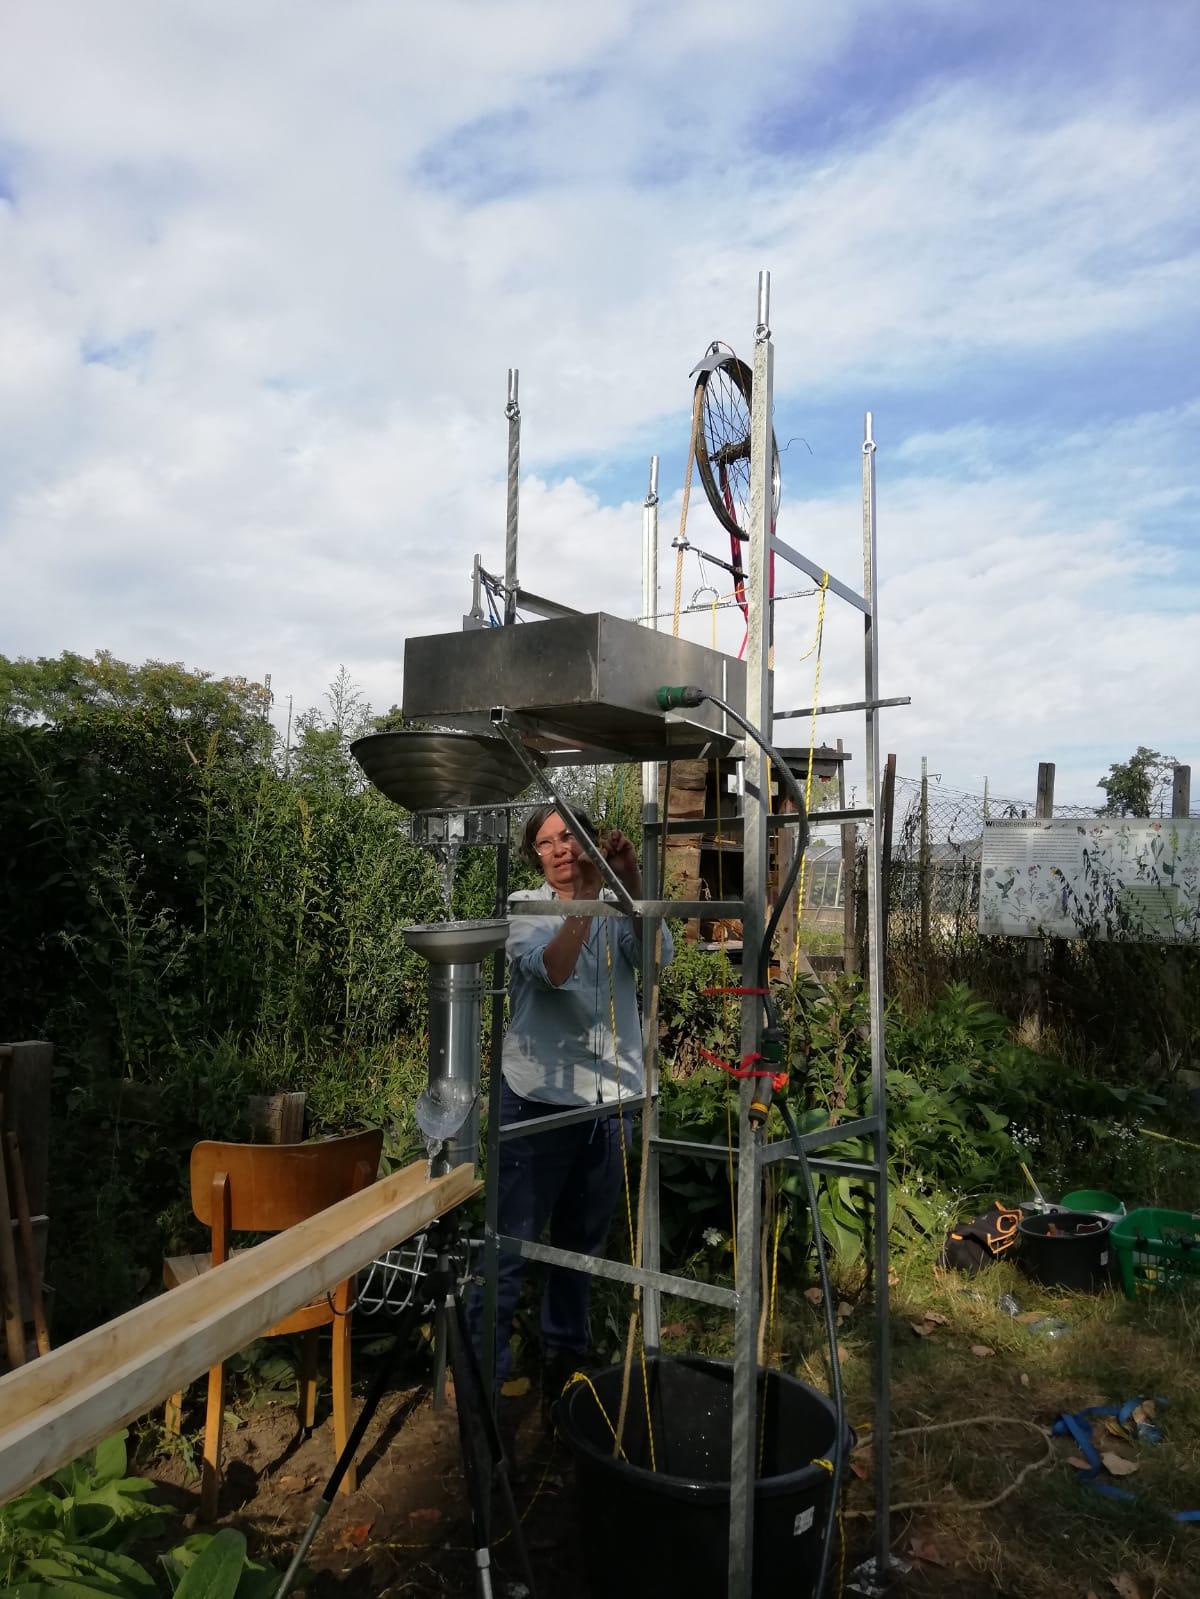 Wasserfördervorrichtung_kinetische Skulptur_2019_Eisen, Aluminium,Seil_260 x 110 x 110_Ellen Muck, Britta Frechen_2019